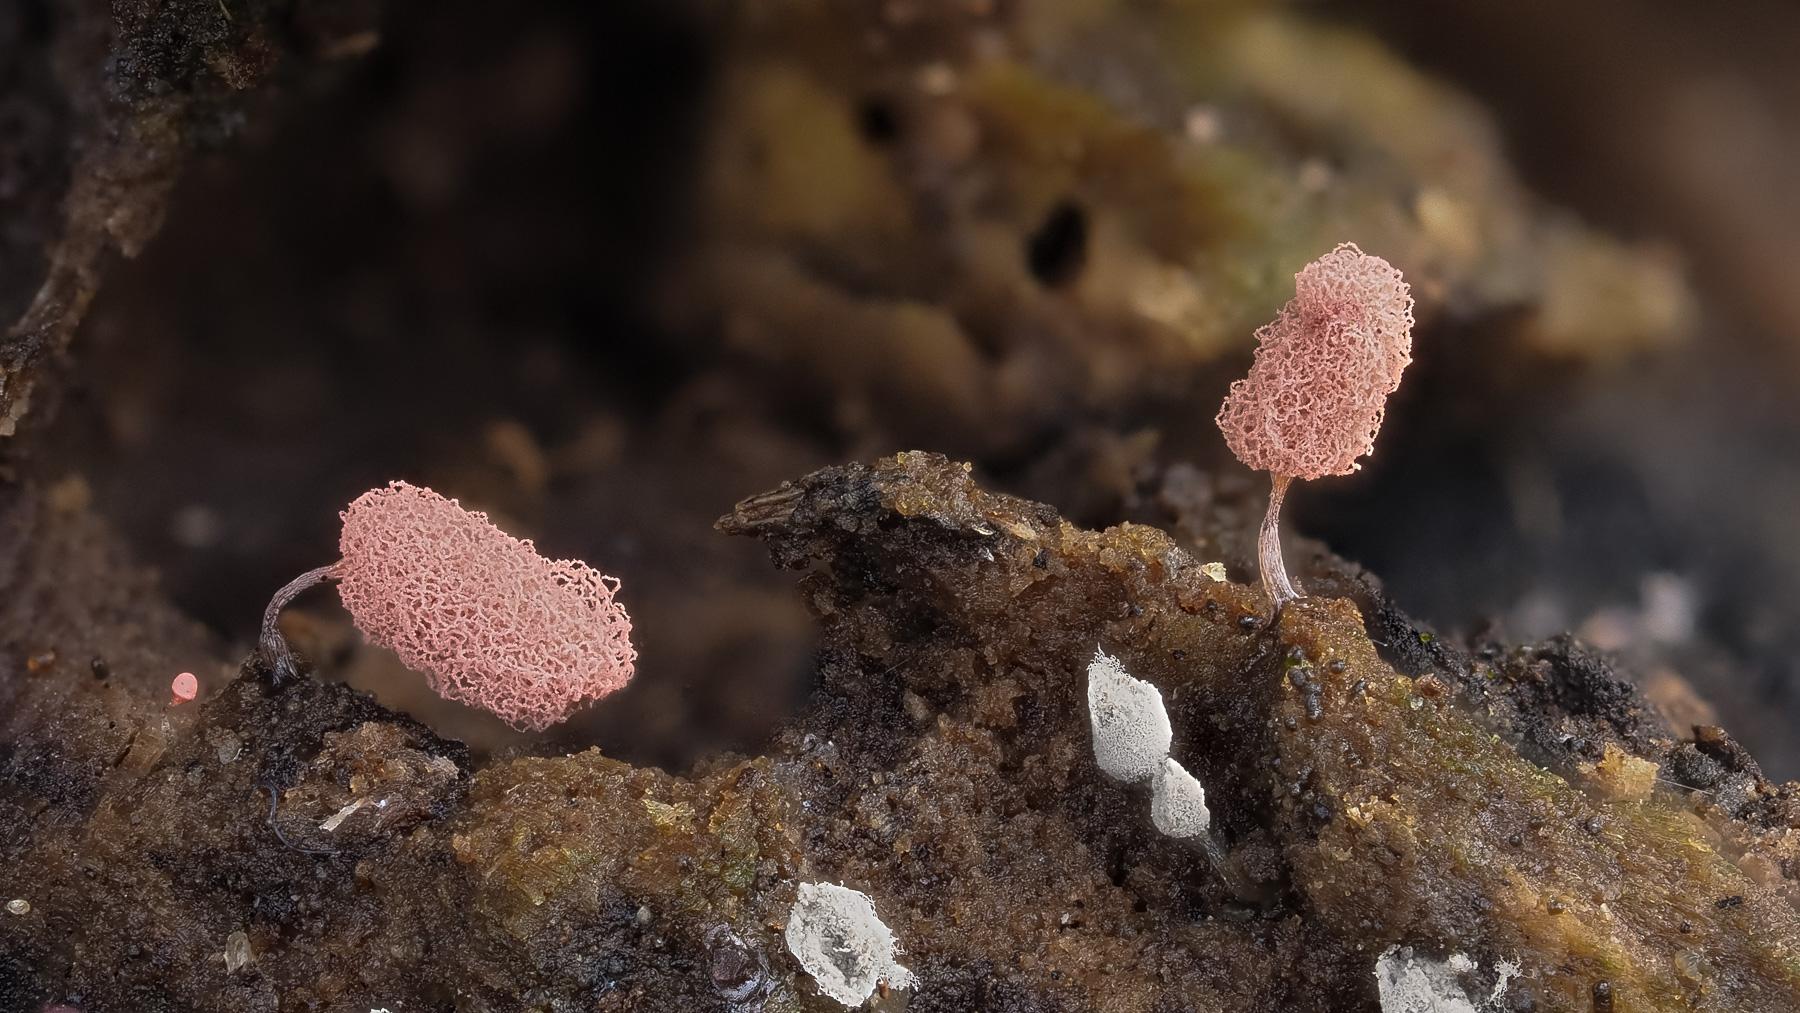 Arcyria incarnata sporangia. Photo by Eduardo Libby